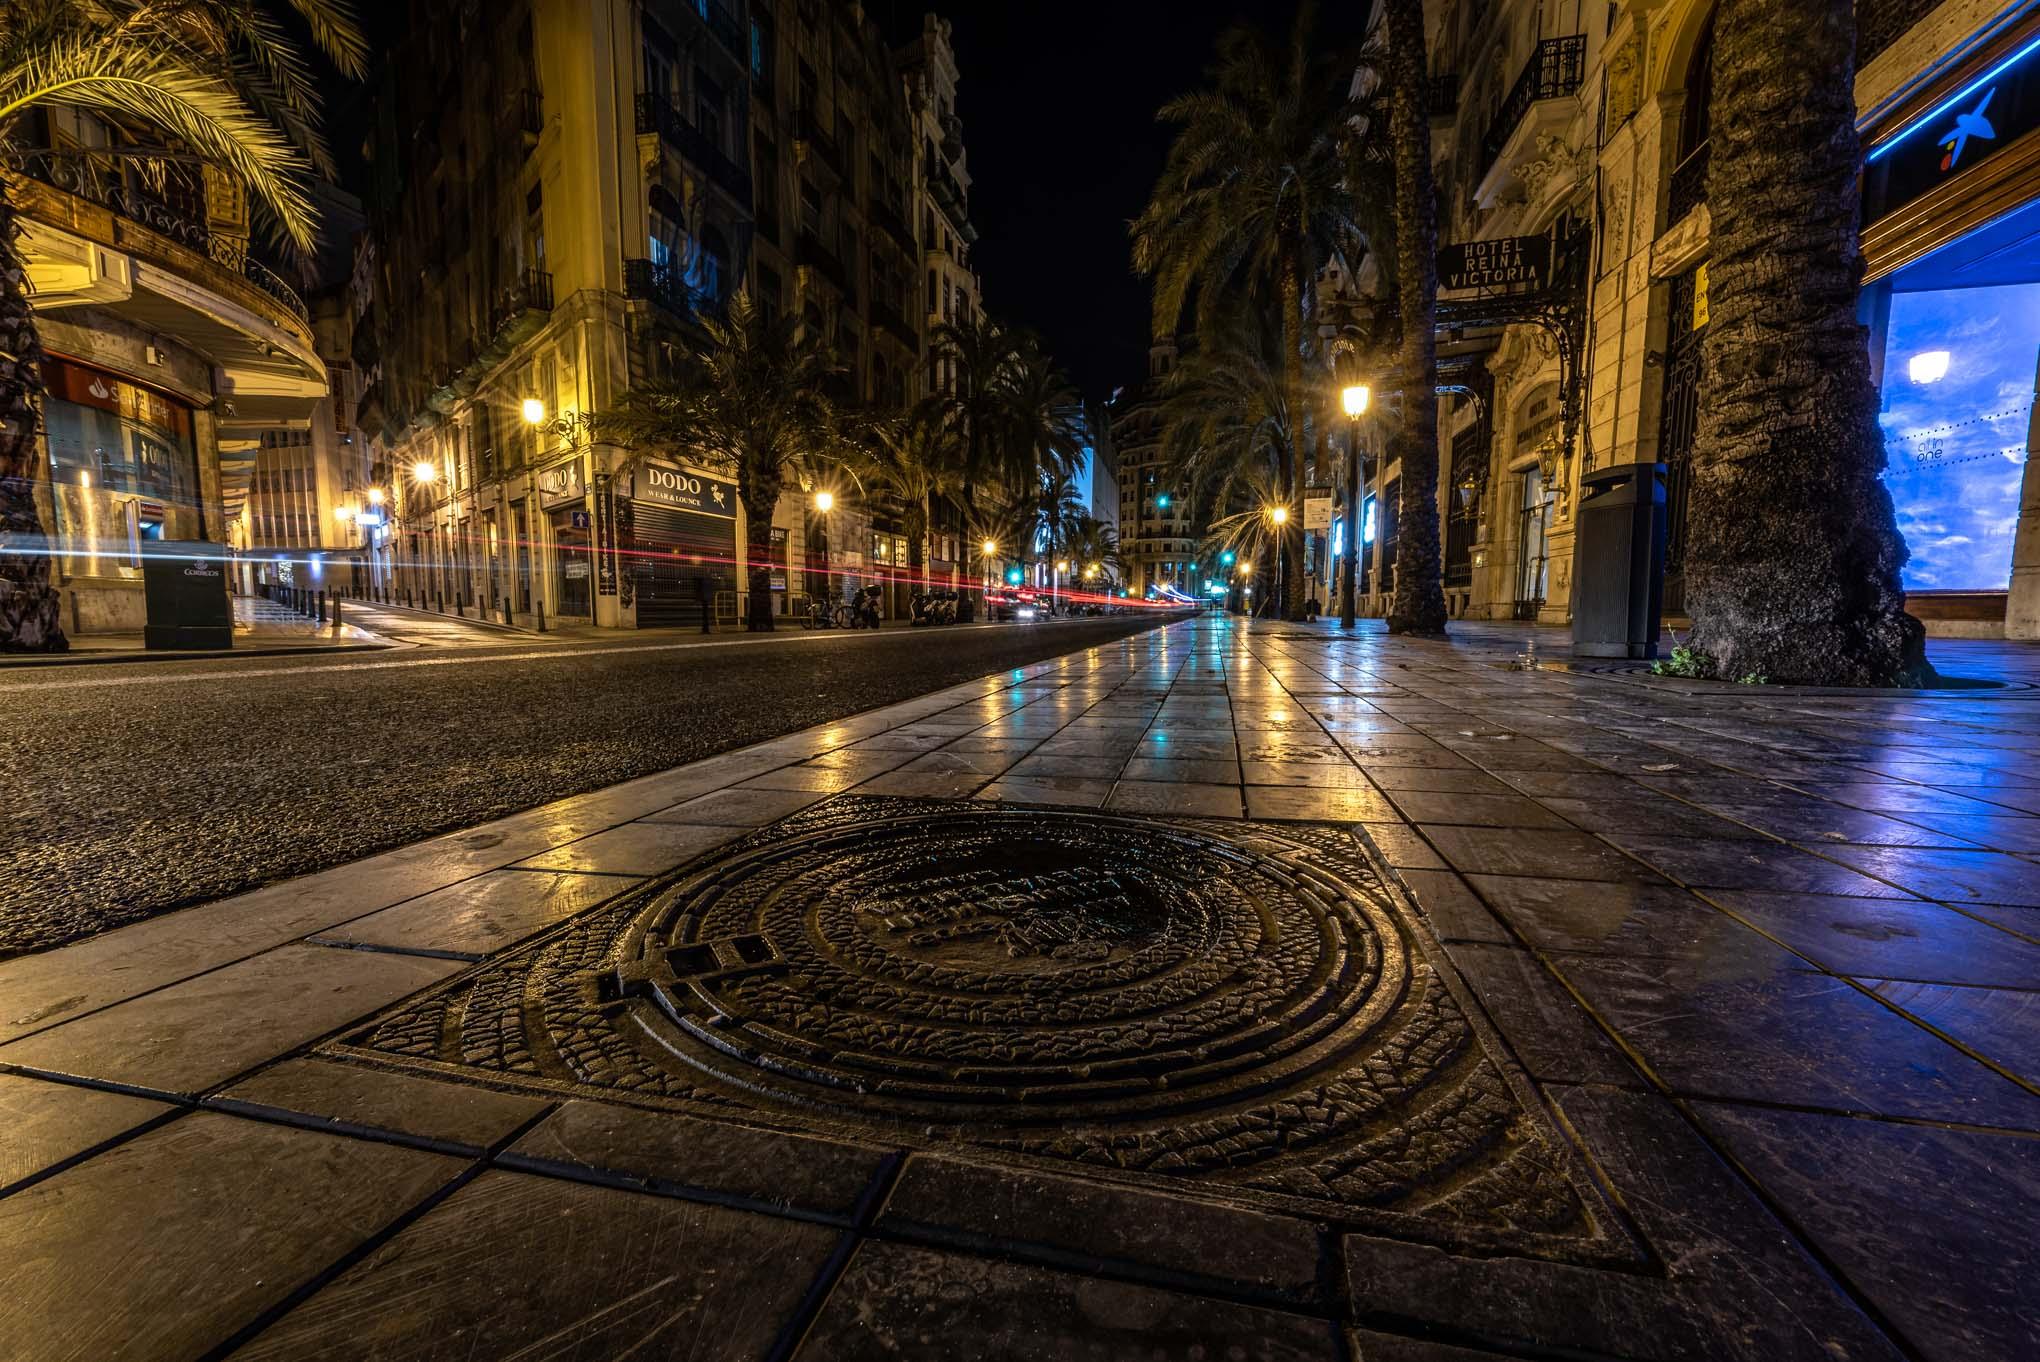 Valence la nuit est encore plus magnifique que le jour